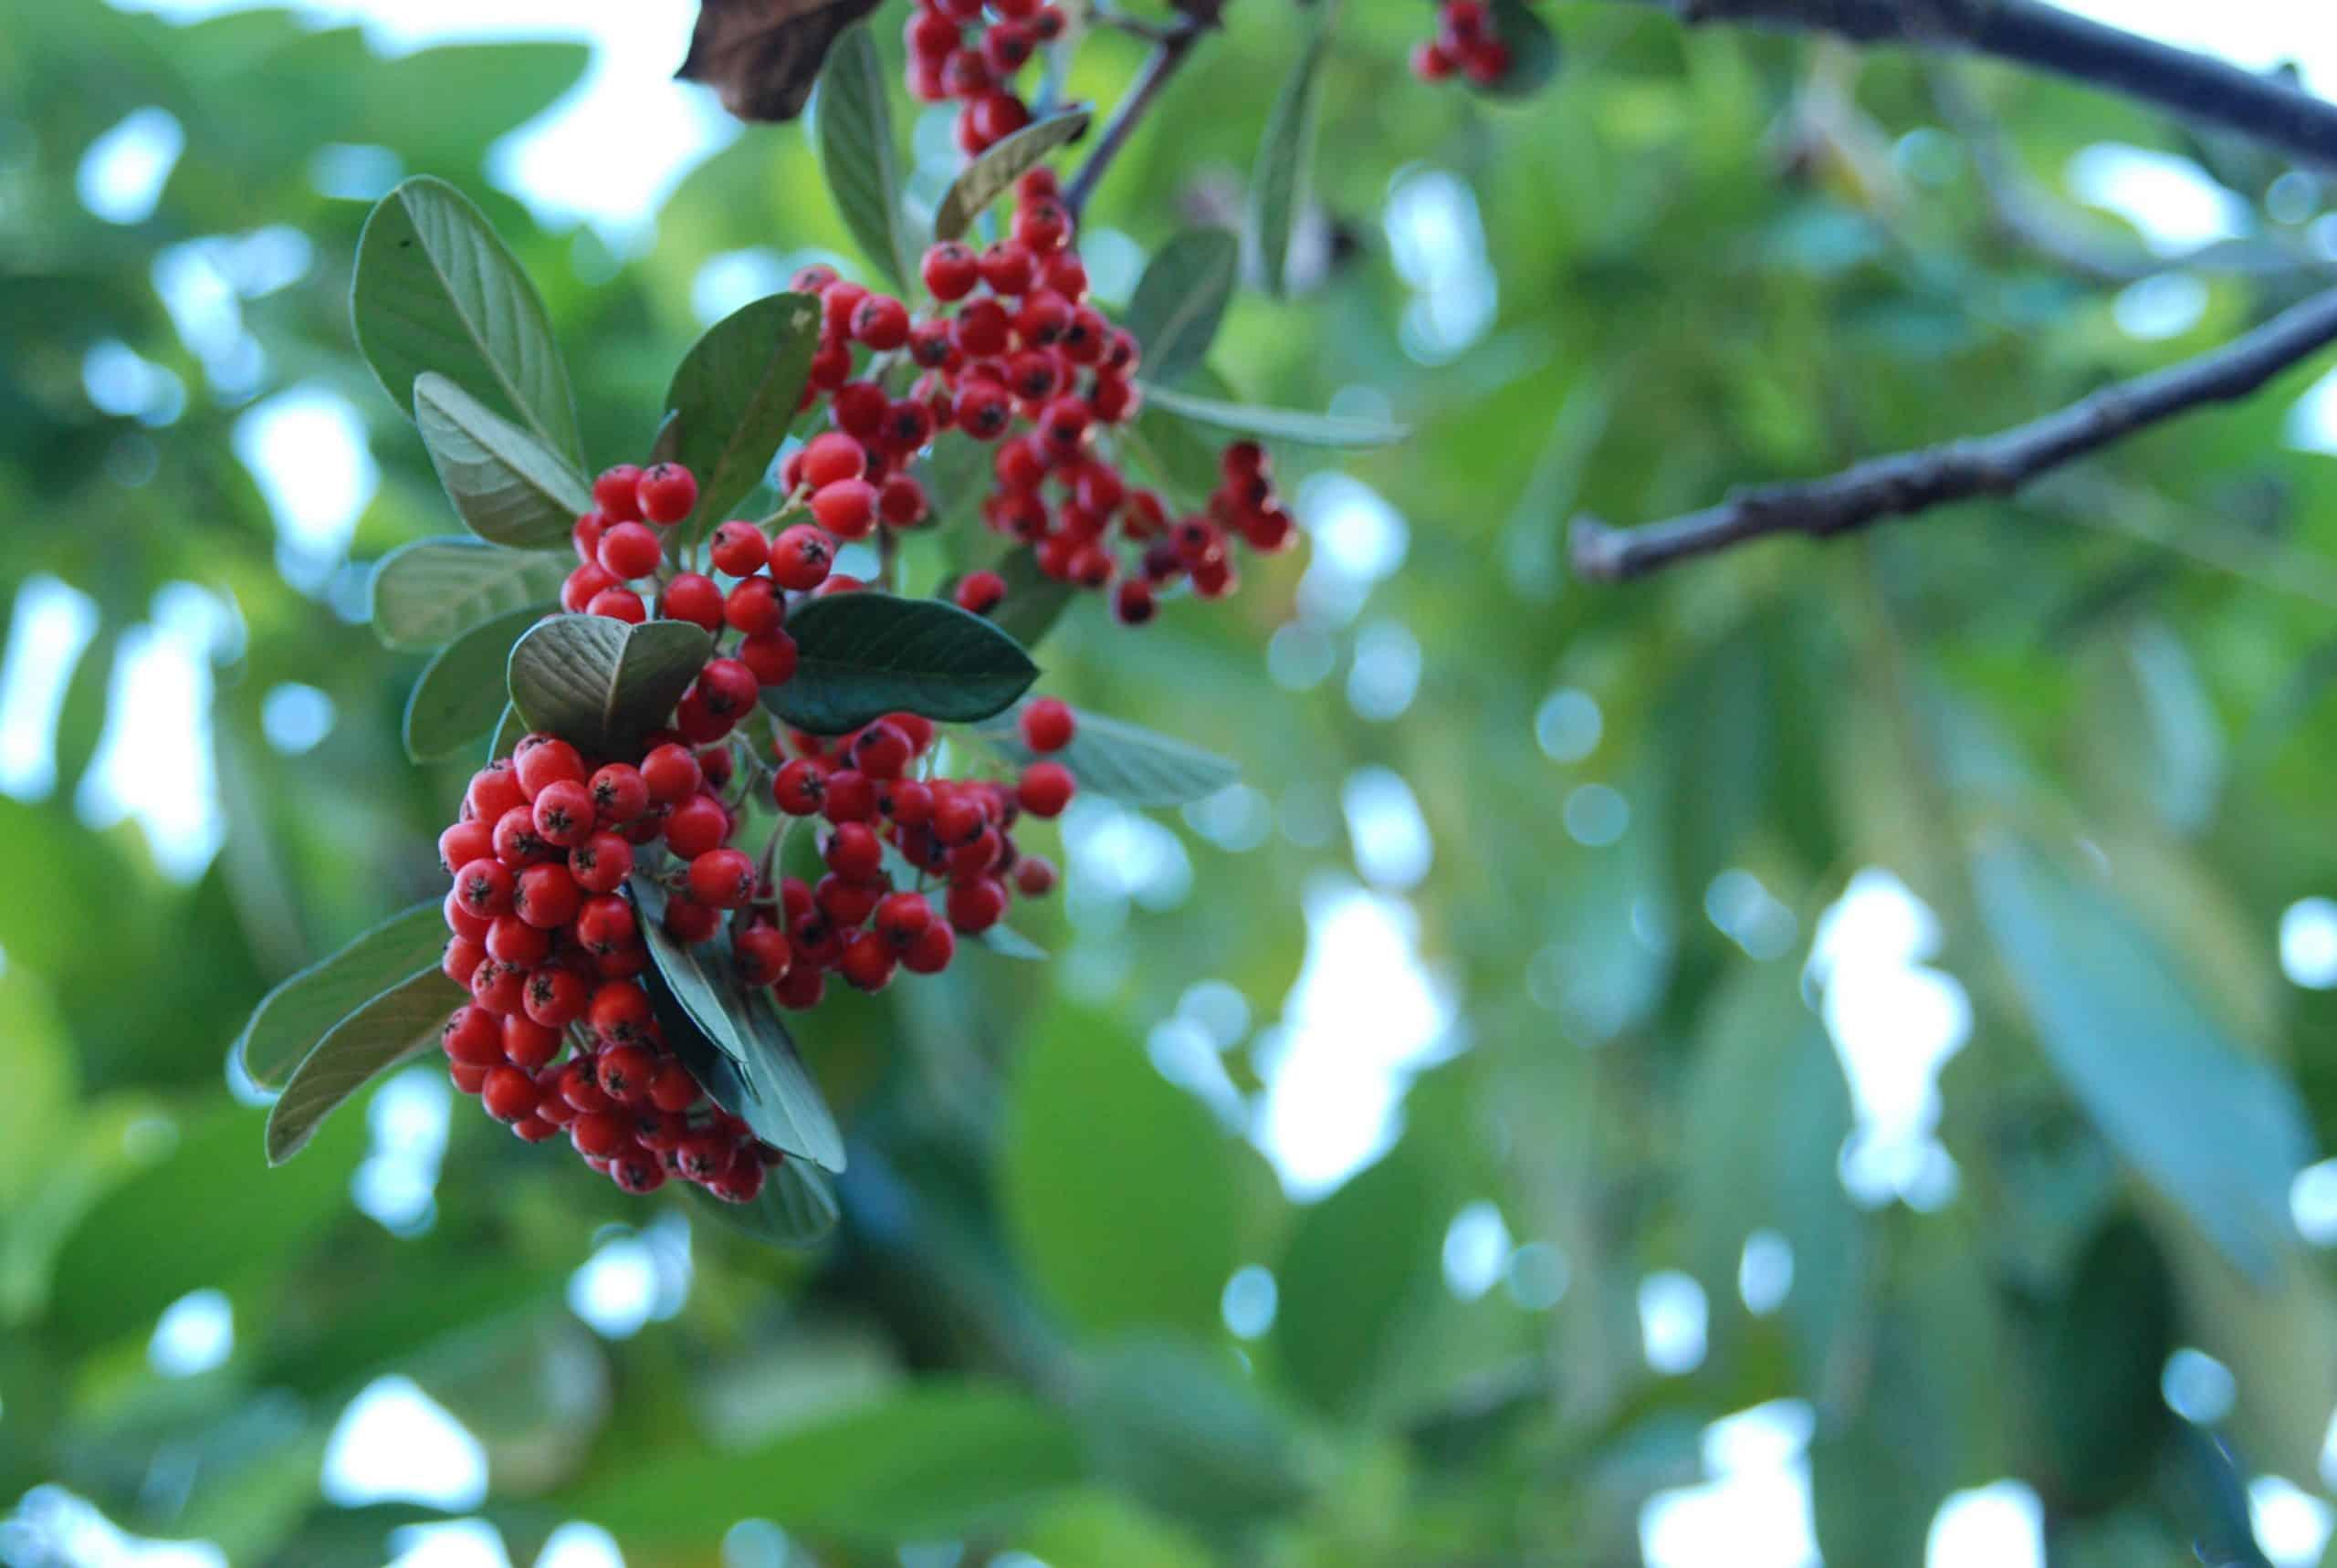 Árbol con frutos rojos